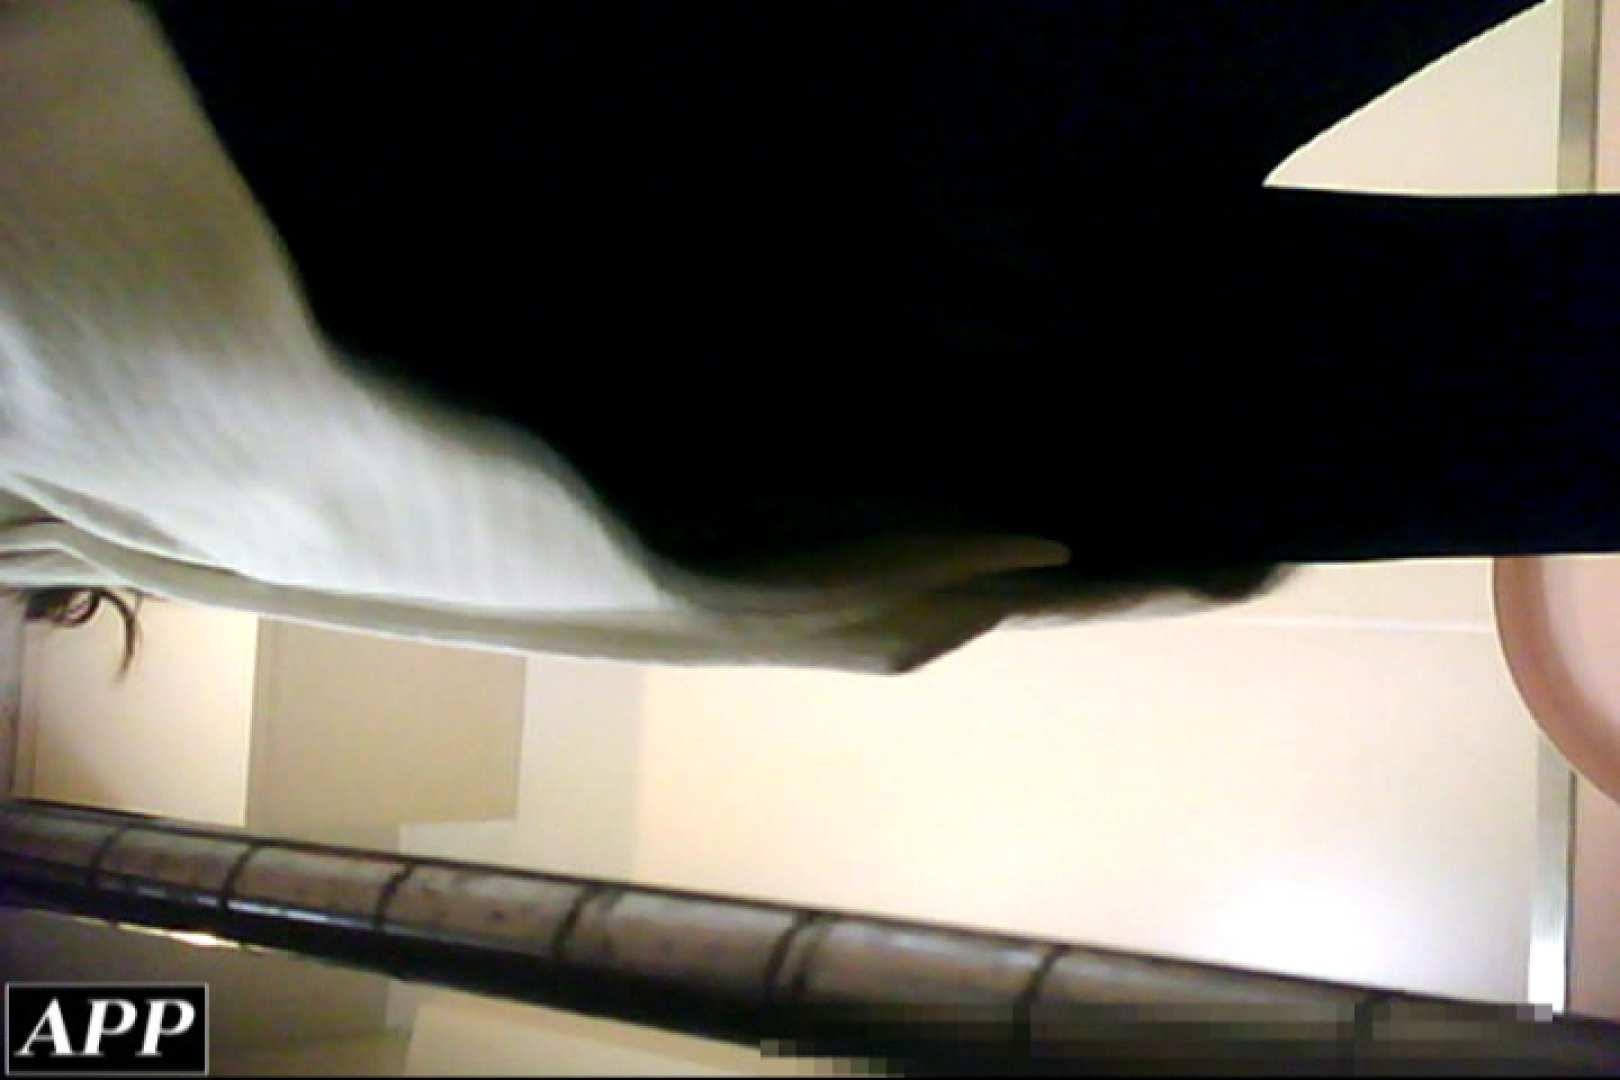 3視点洗面所 vol.37 肛門 隠し撮りオマンコ動画紹介 84pic 22